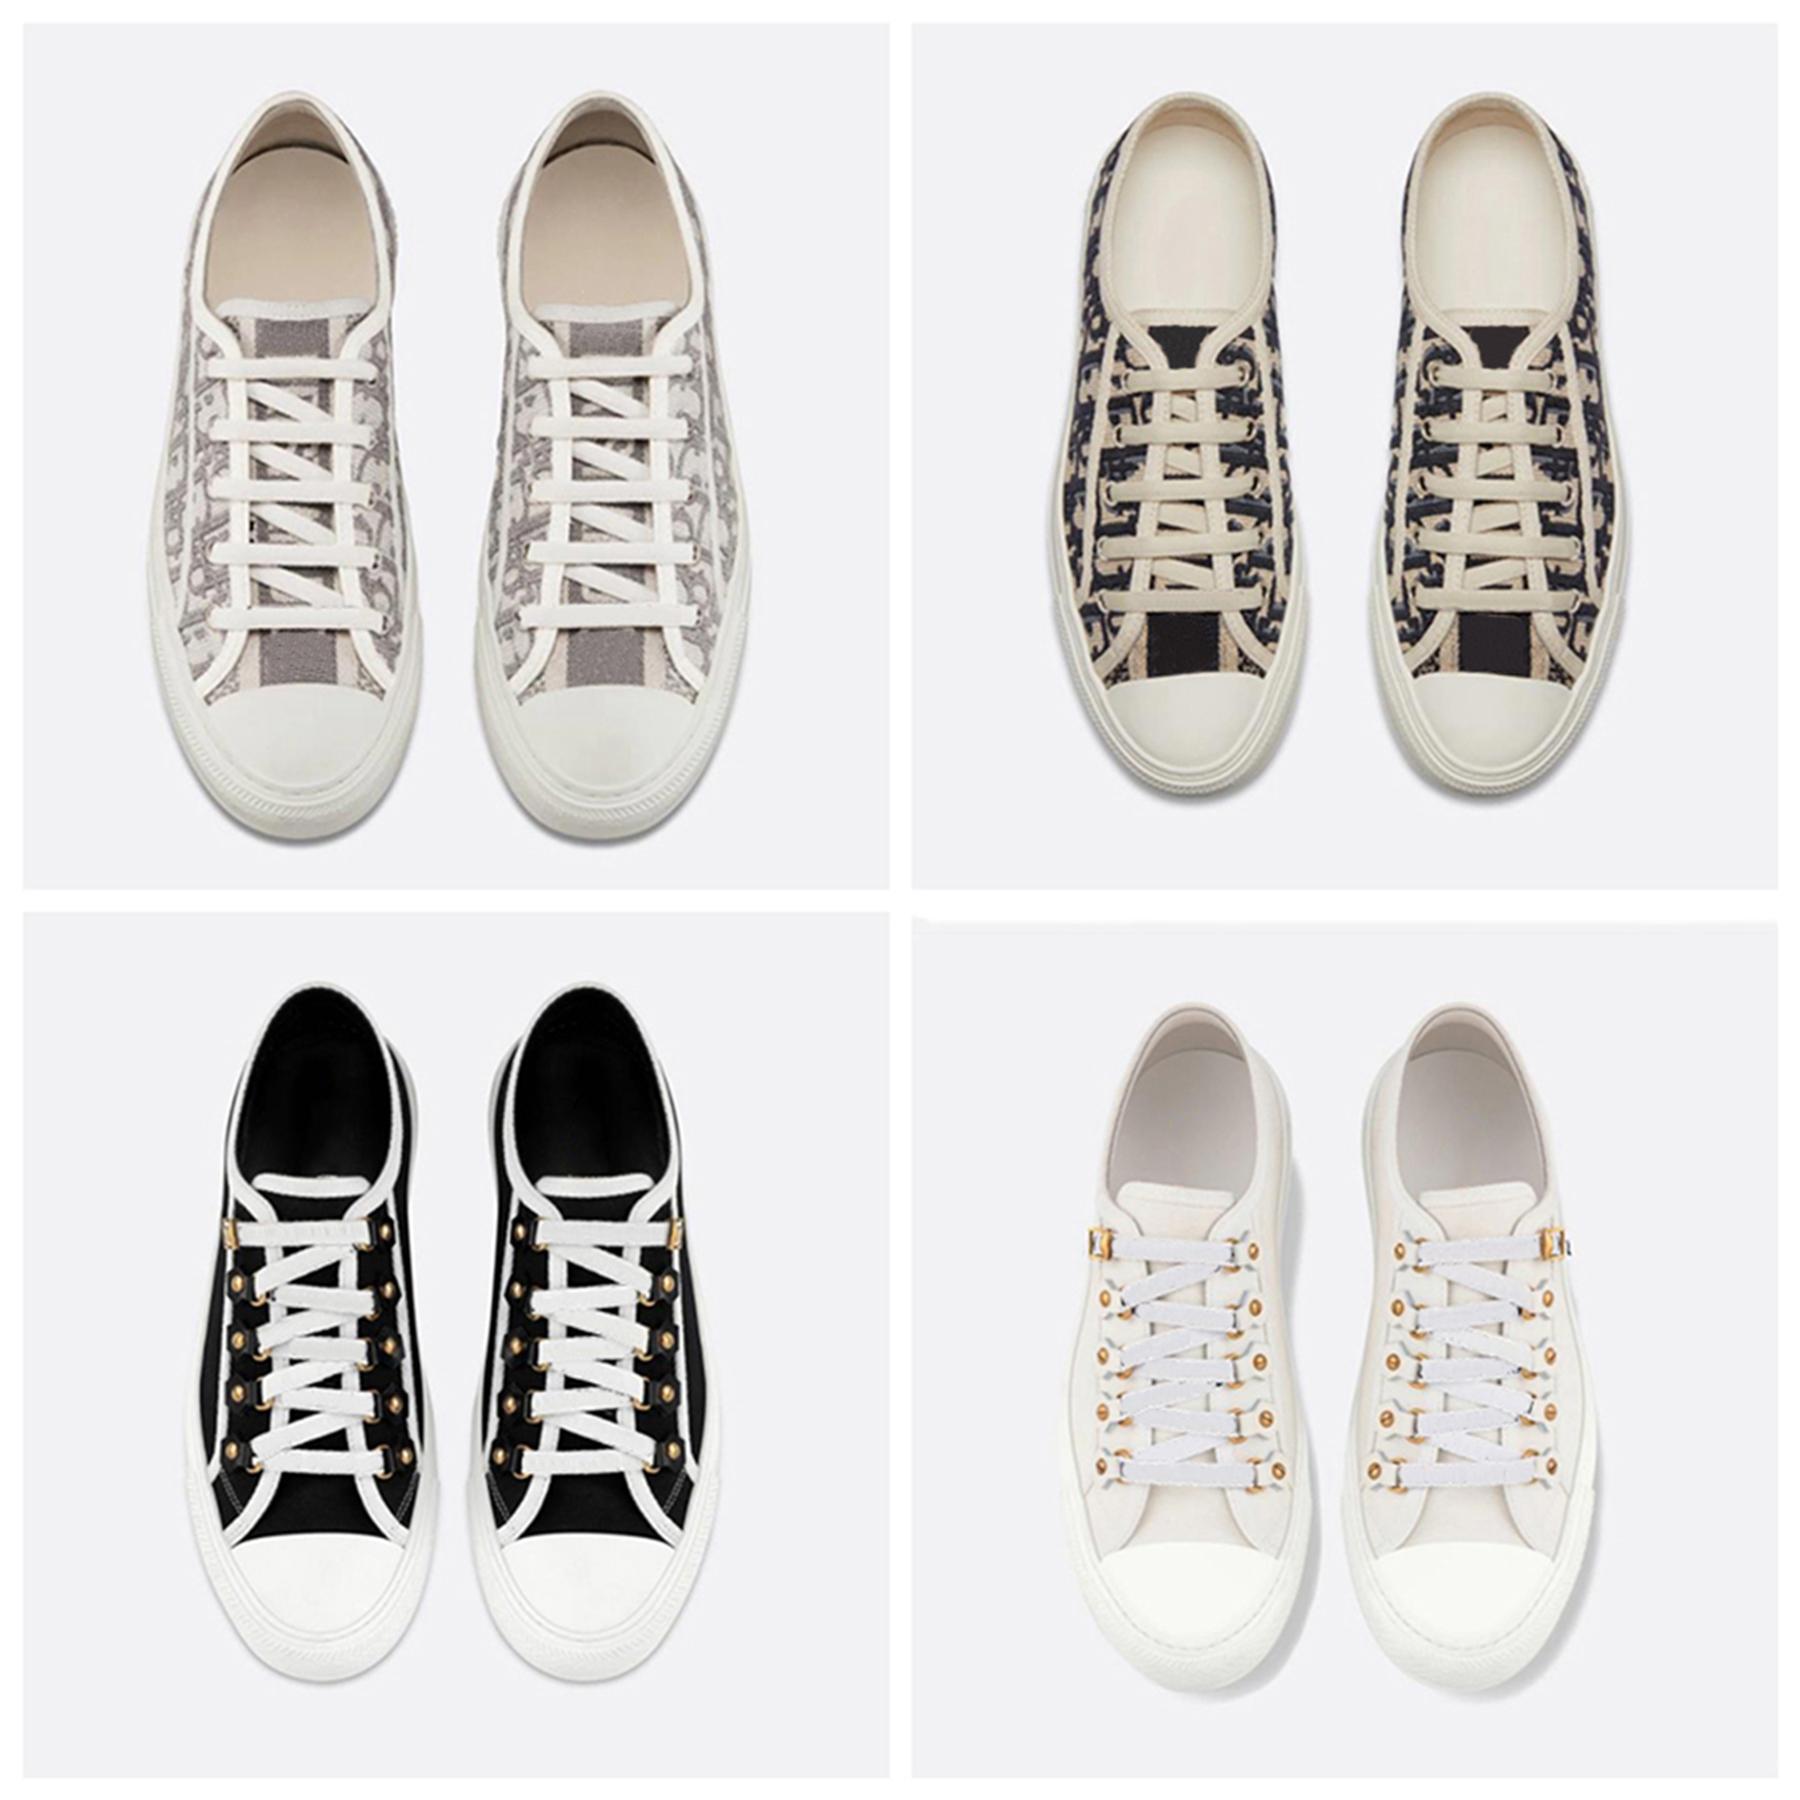 2021 Vender bem de alta qualidade Mulheres Sapatos Espadrilles Sneakers Imprimindo Caminhada Sneaker Bordado Plataforma de lona Sapato Meninas por Shoe02 02